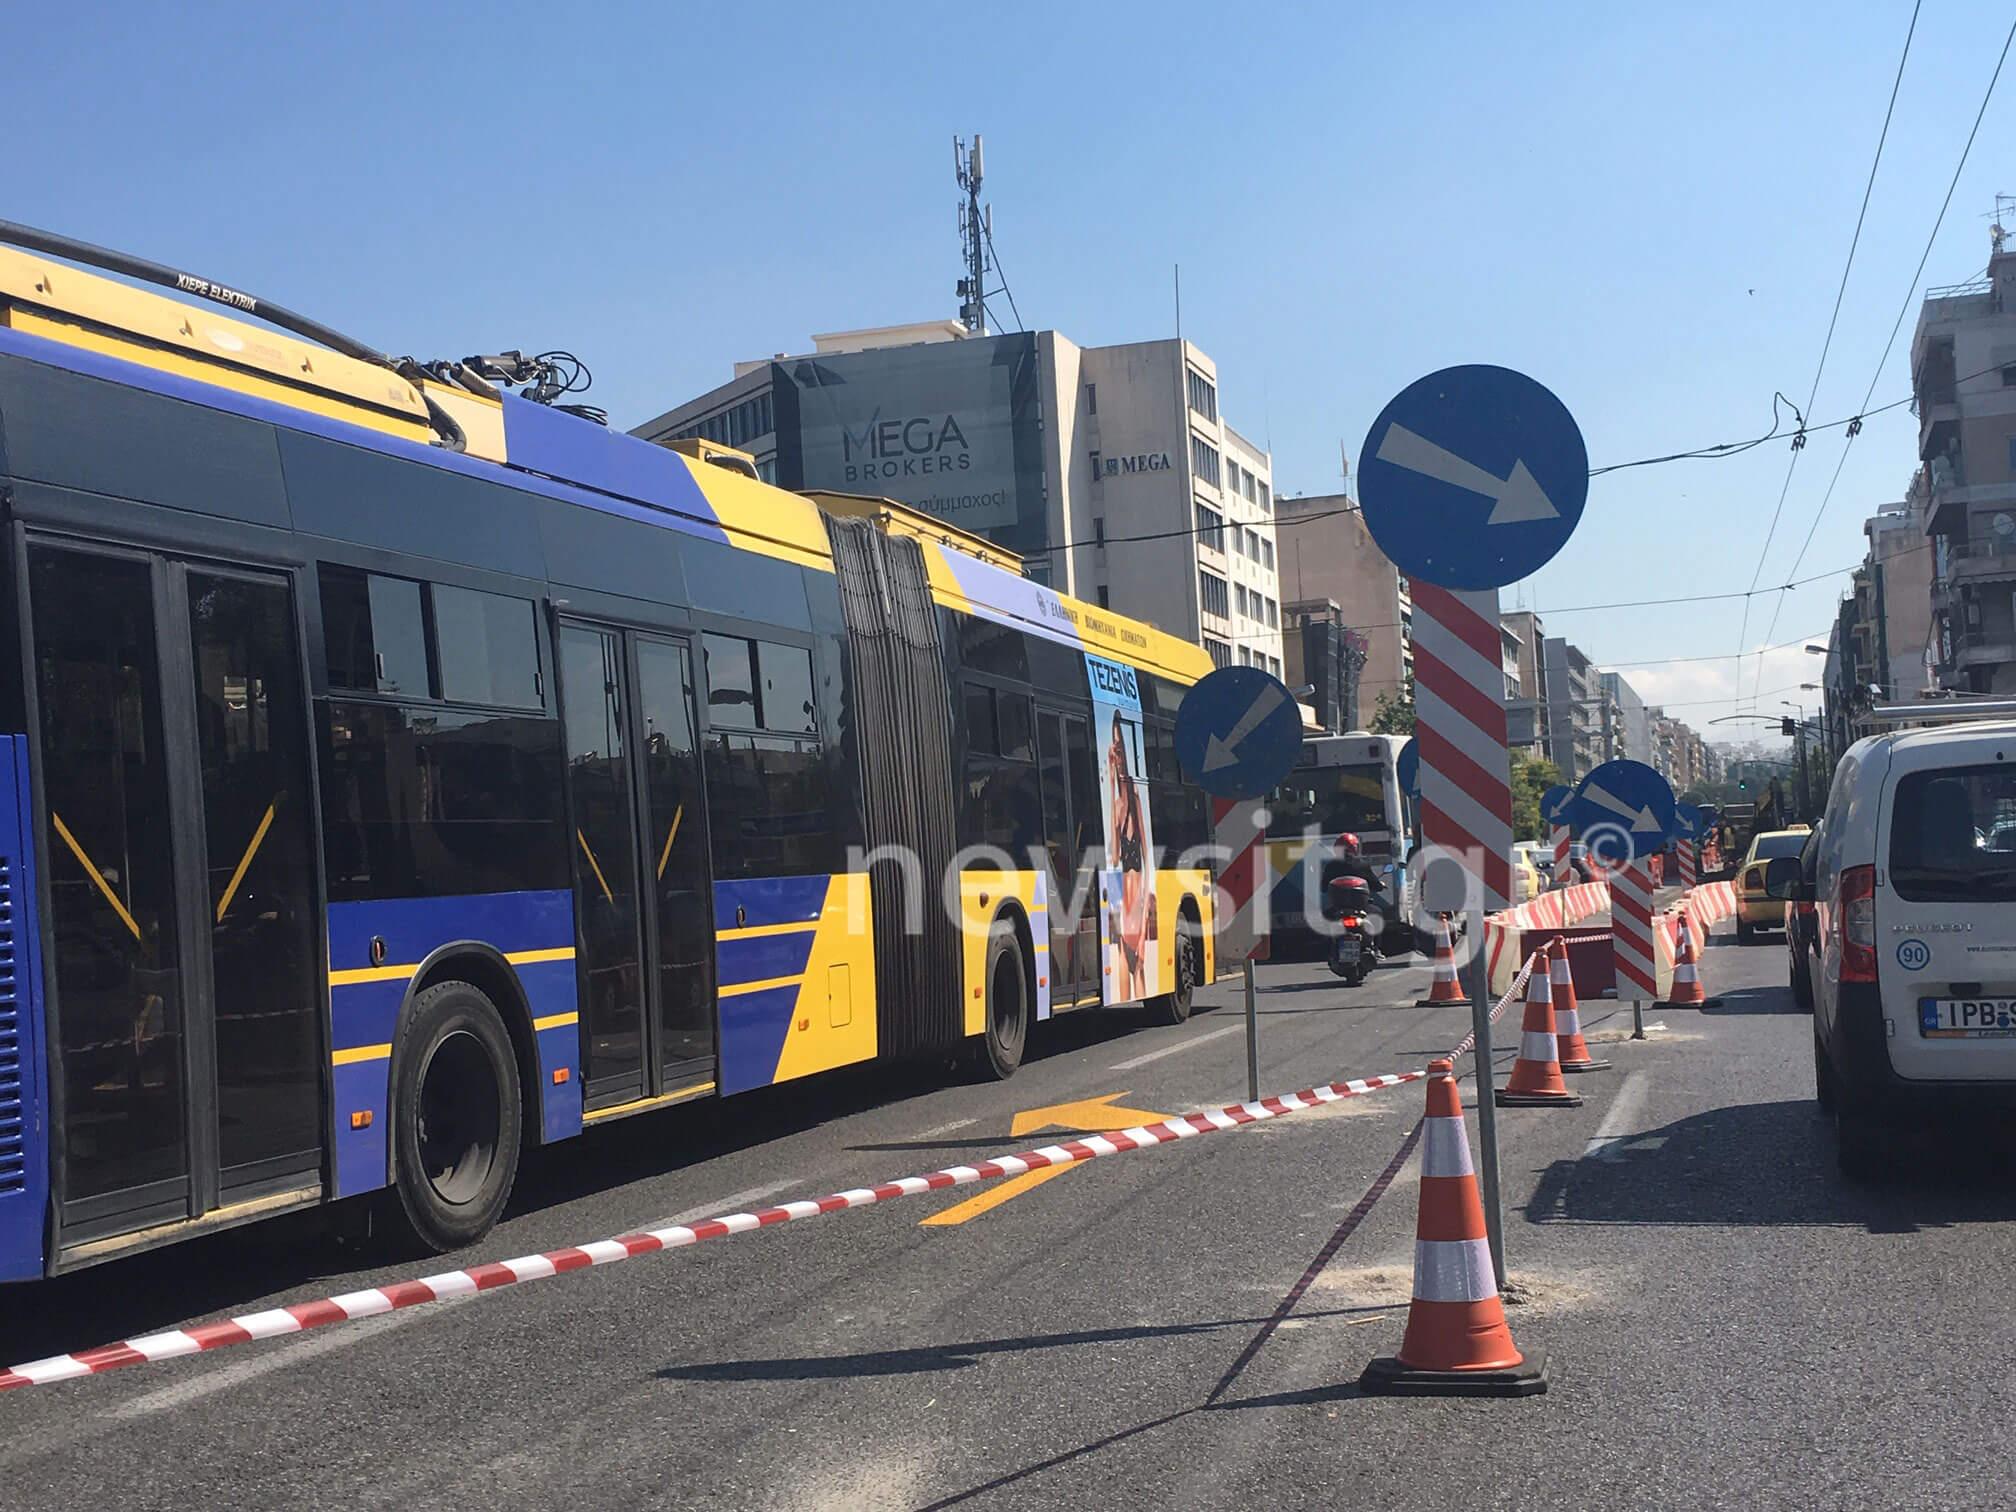 «Μέσα» στα έργα που μετατρέπουν τη Συγγρού σε… απέραντο πάρκινγκ [pics, vid]